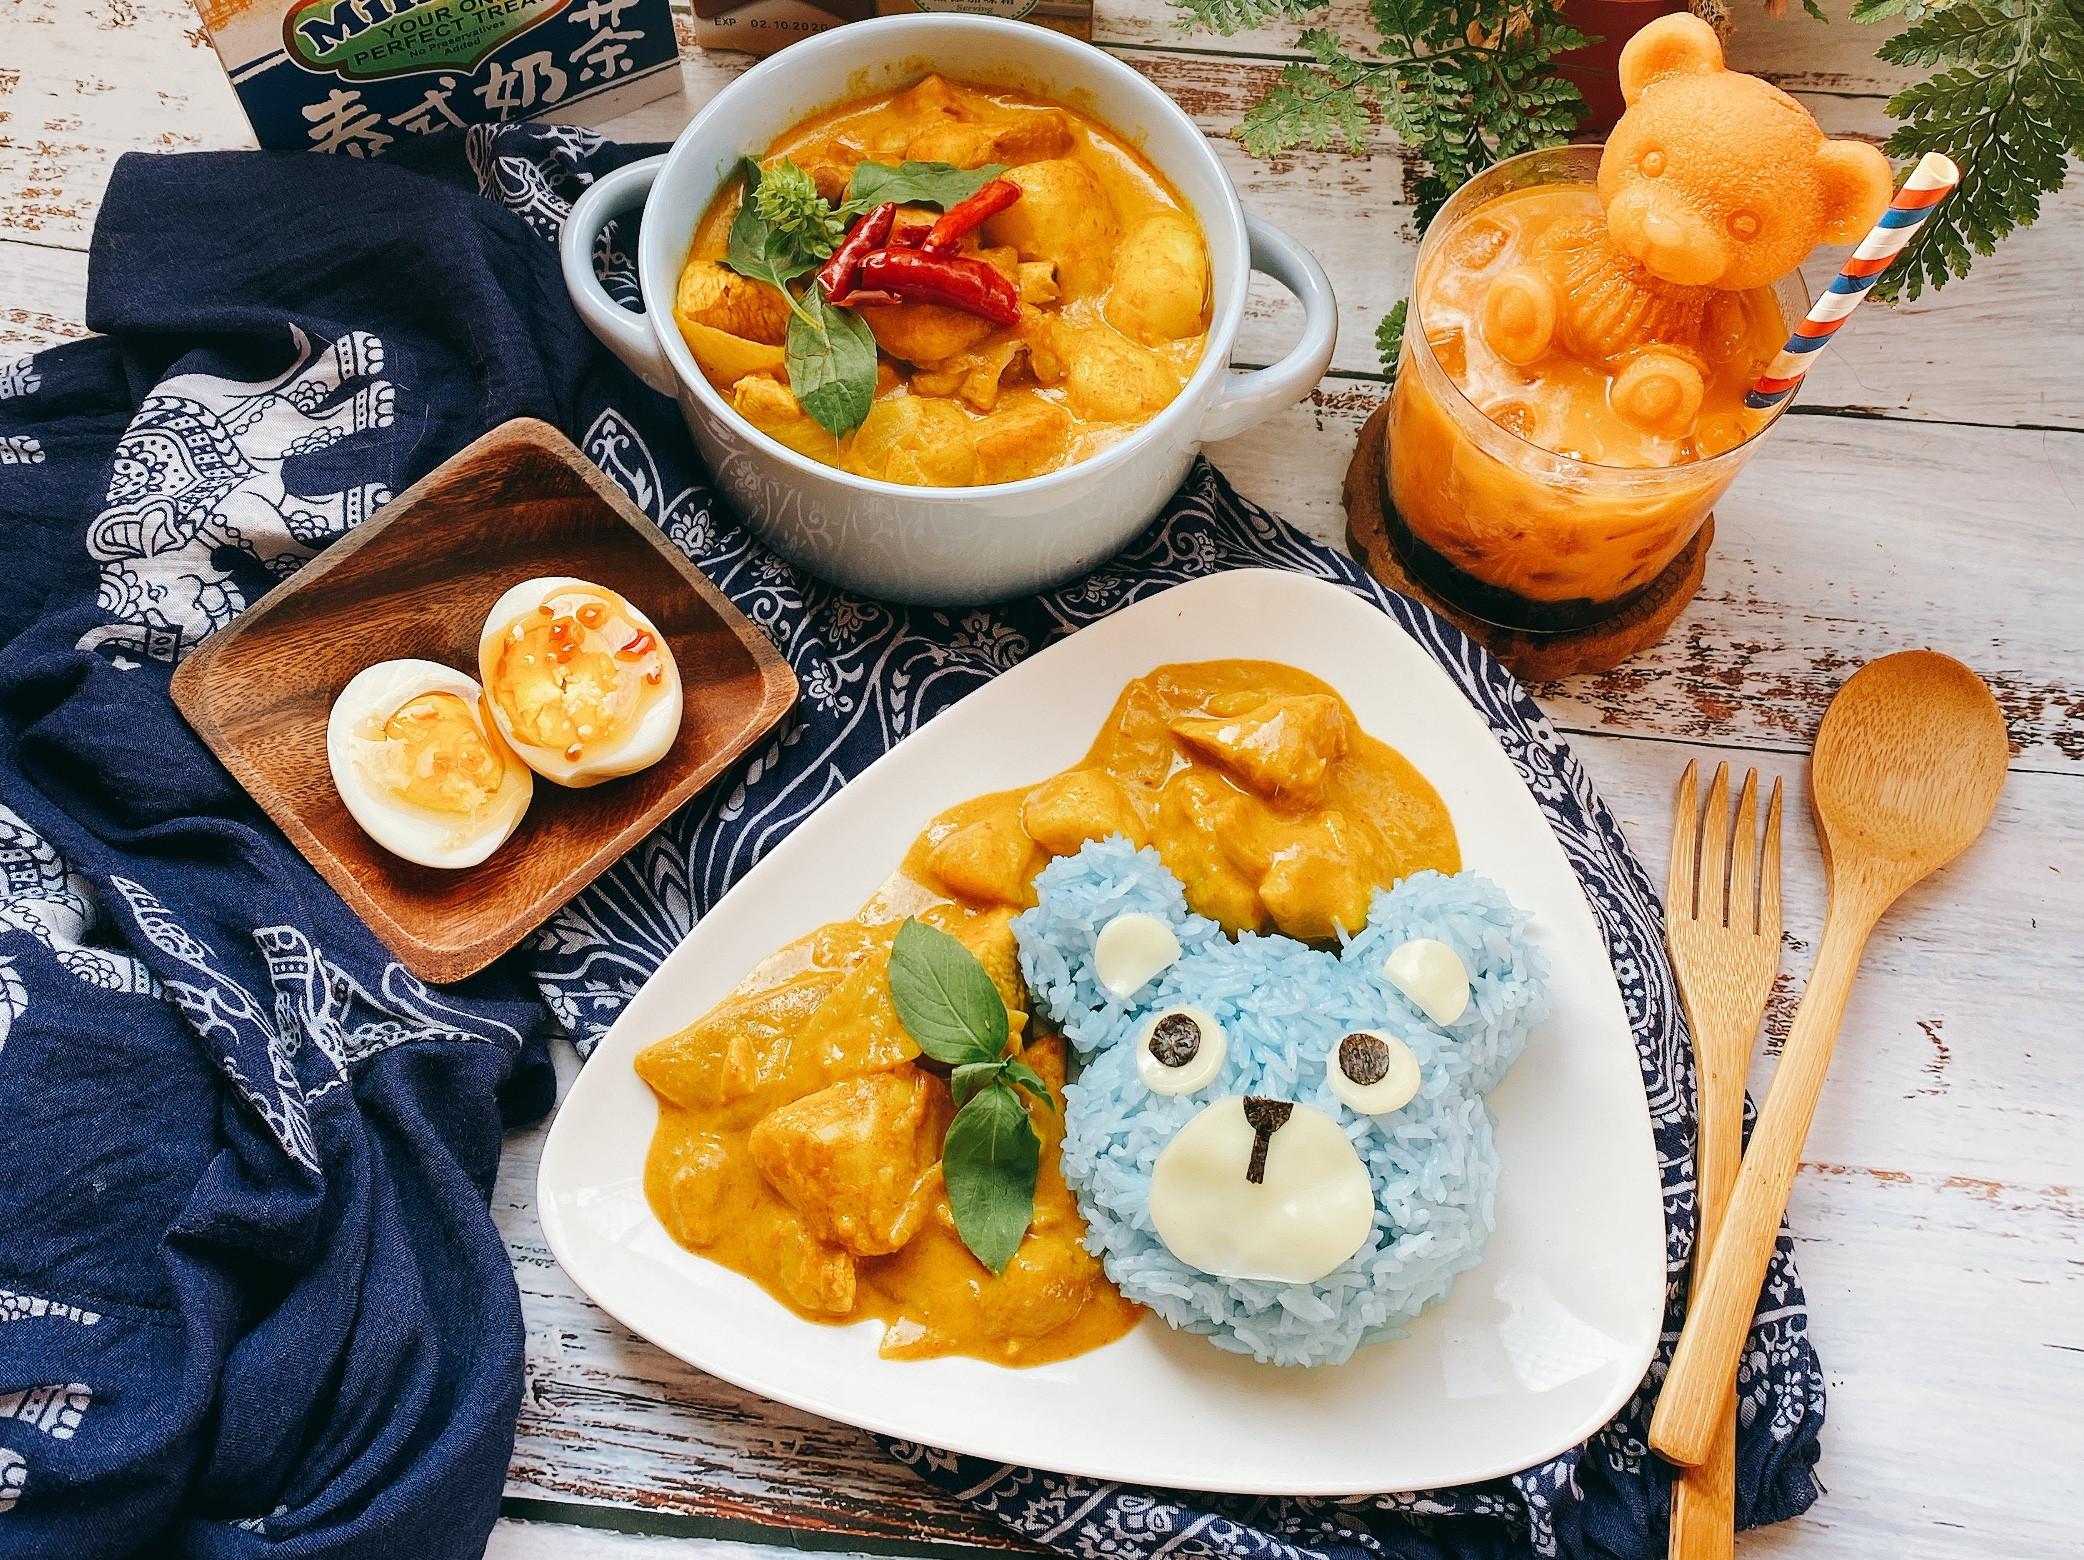 𓃰泰式黃咖喱與熊熊蝶豆花籃飯𓃰